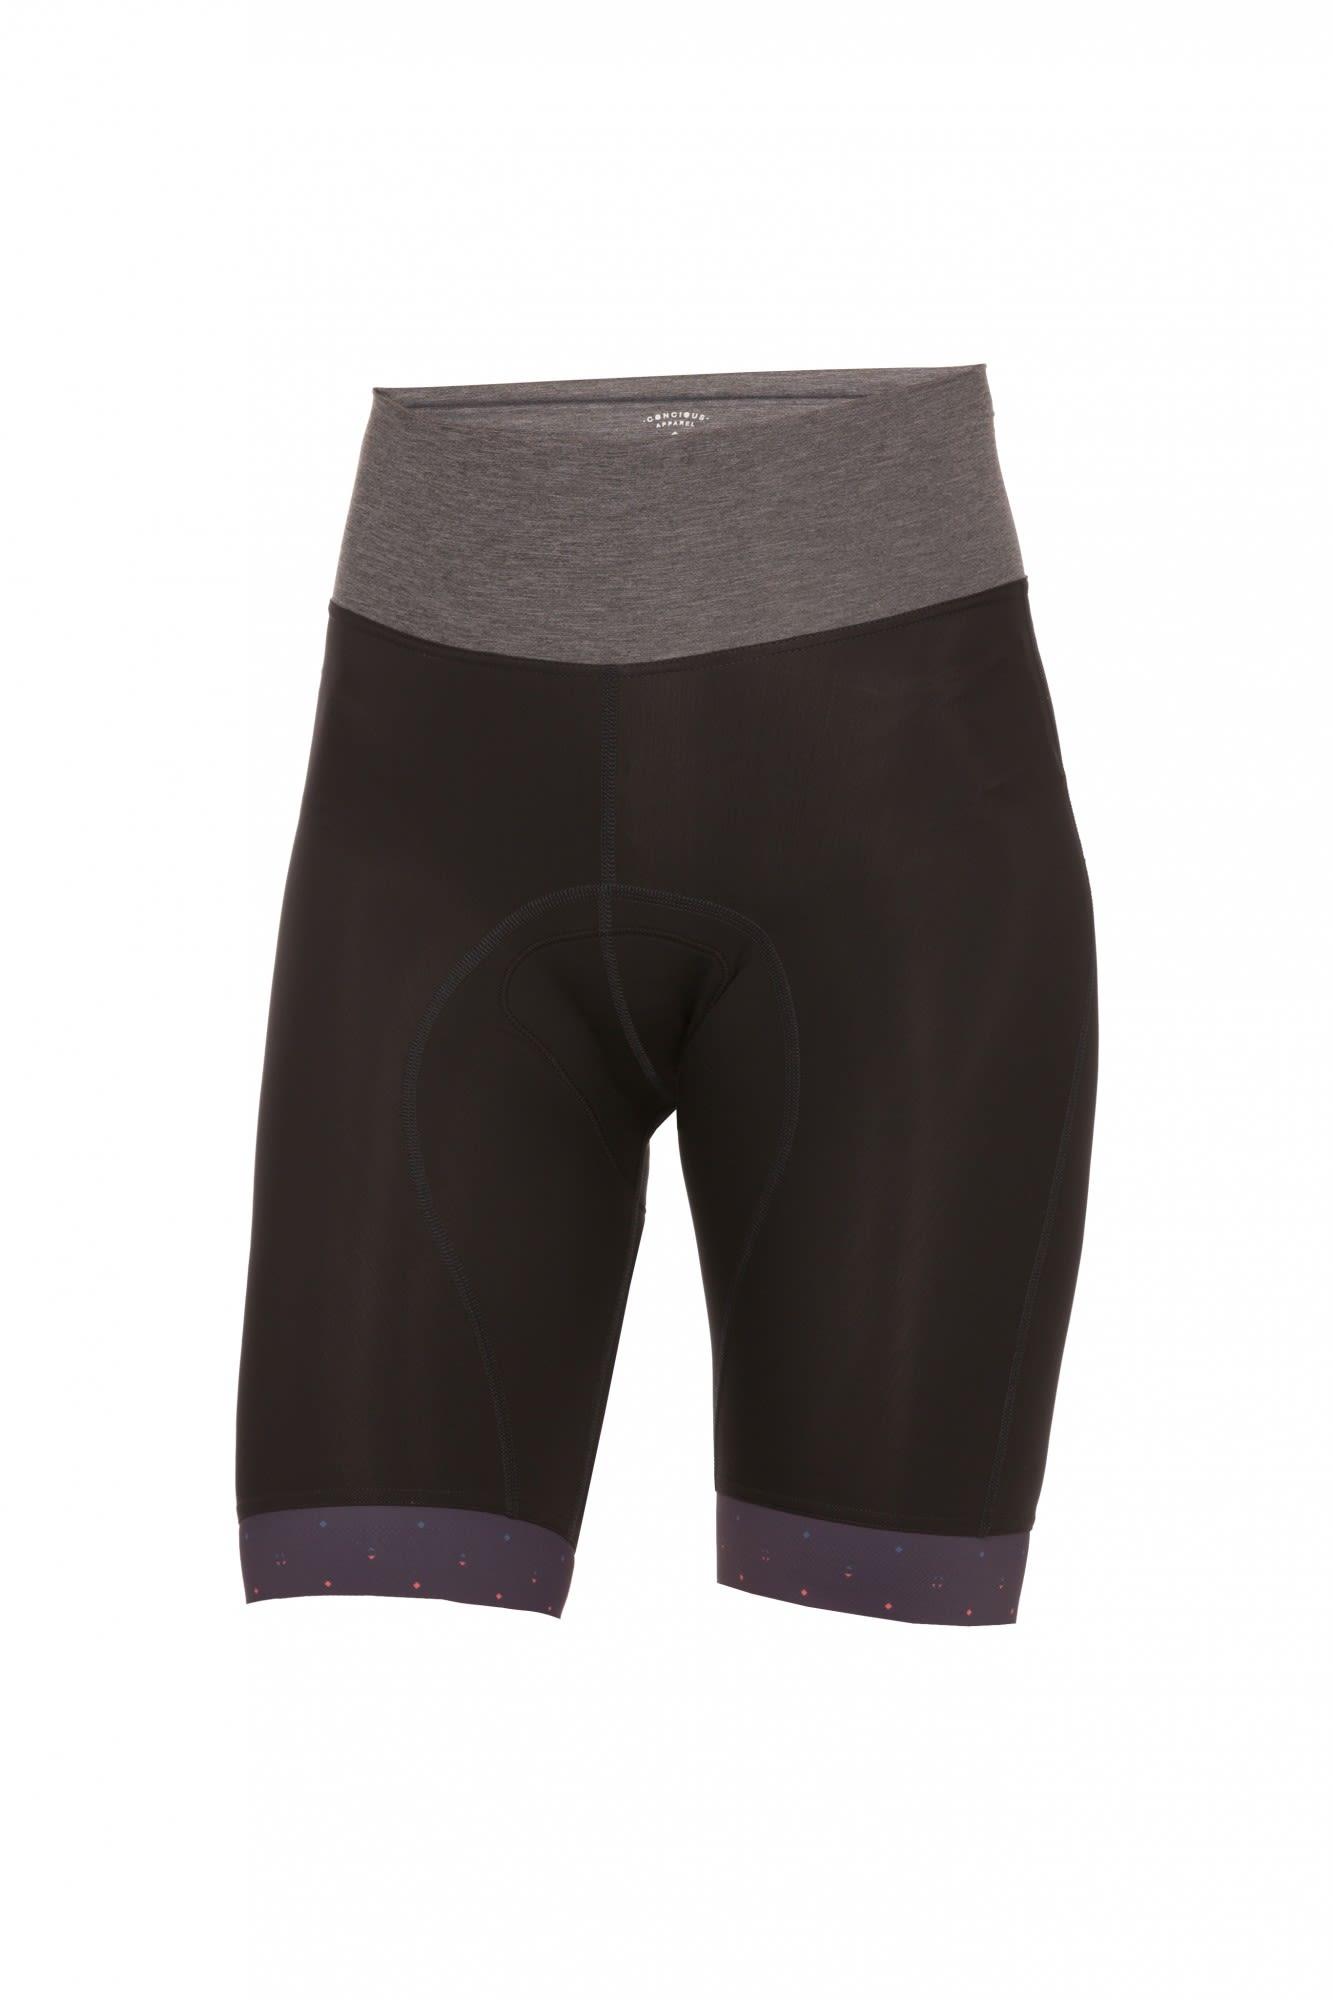 Triple2 Sitt Padded Shorts Schwarz, Female Shorts, M